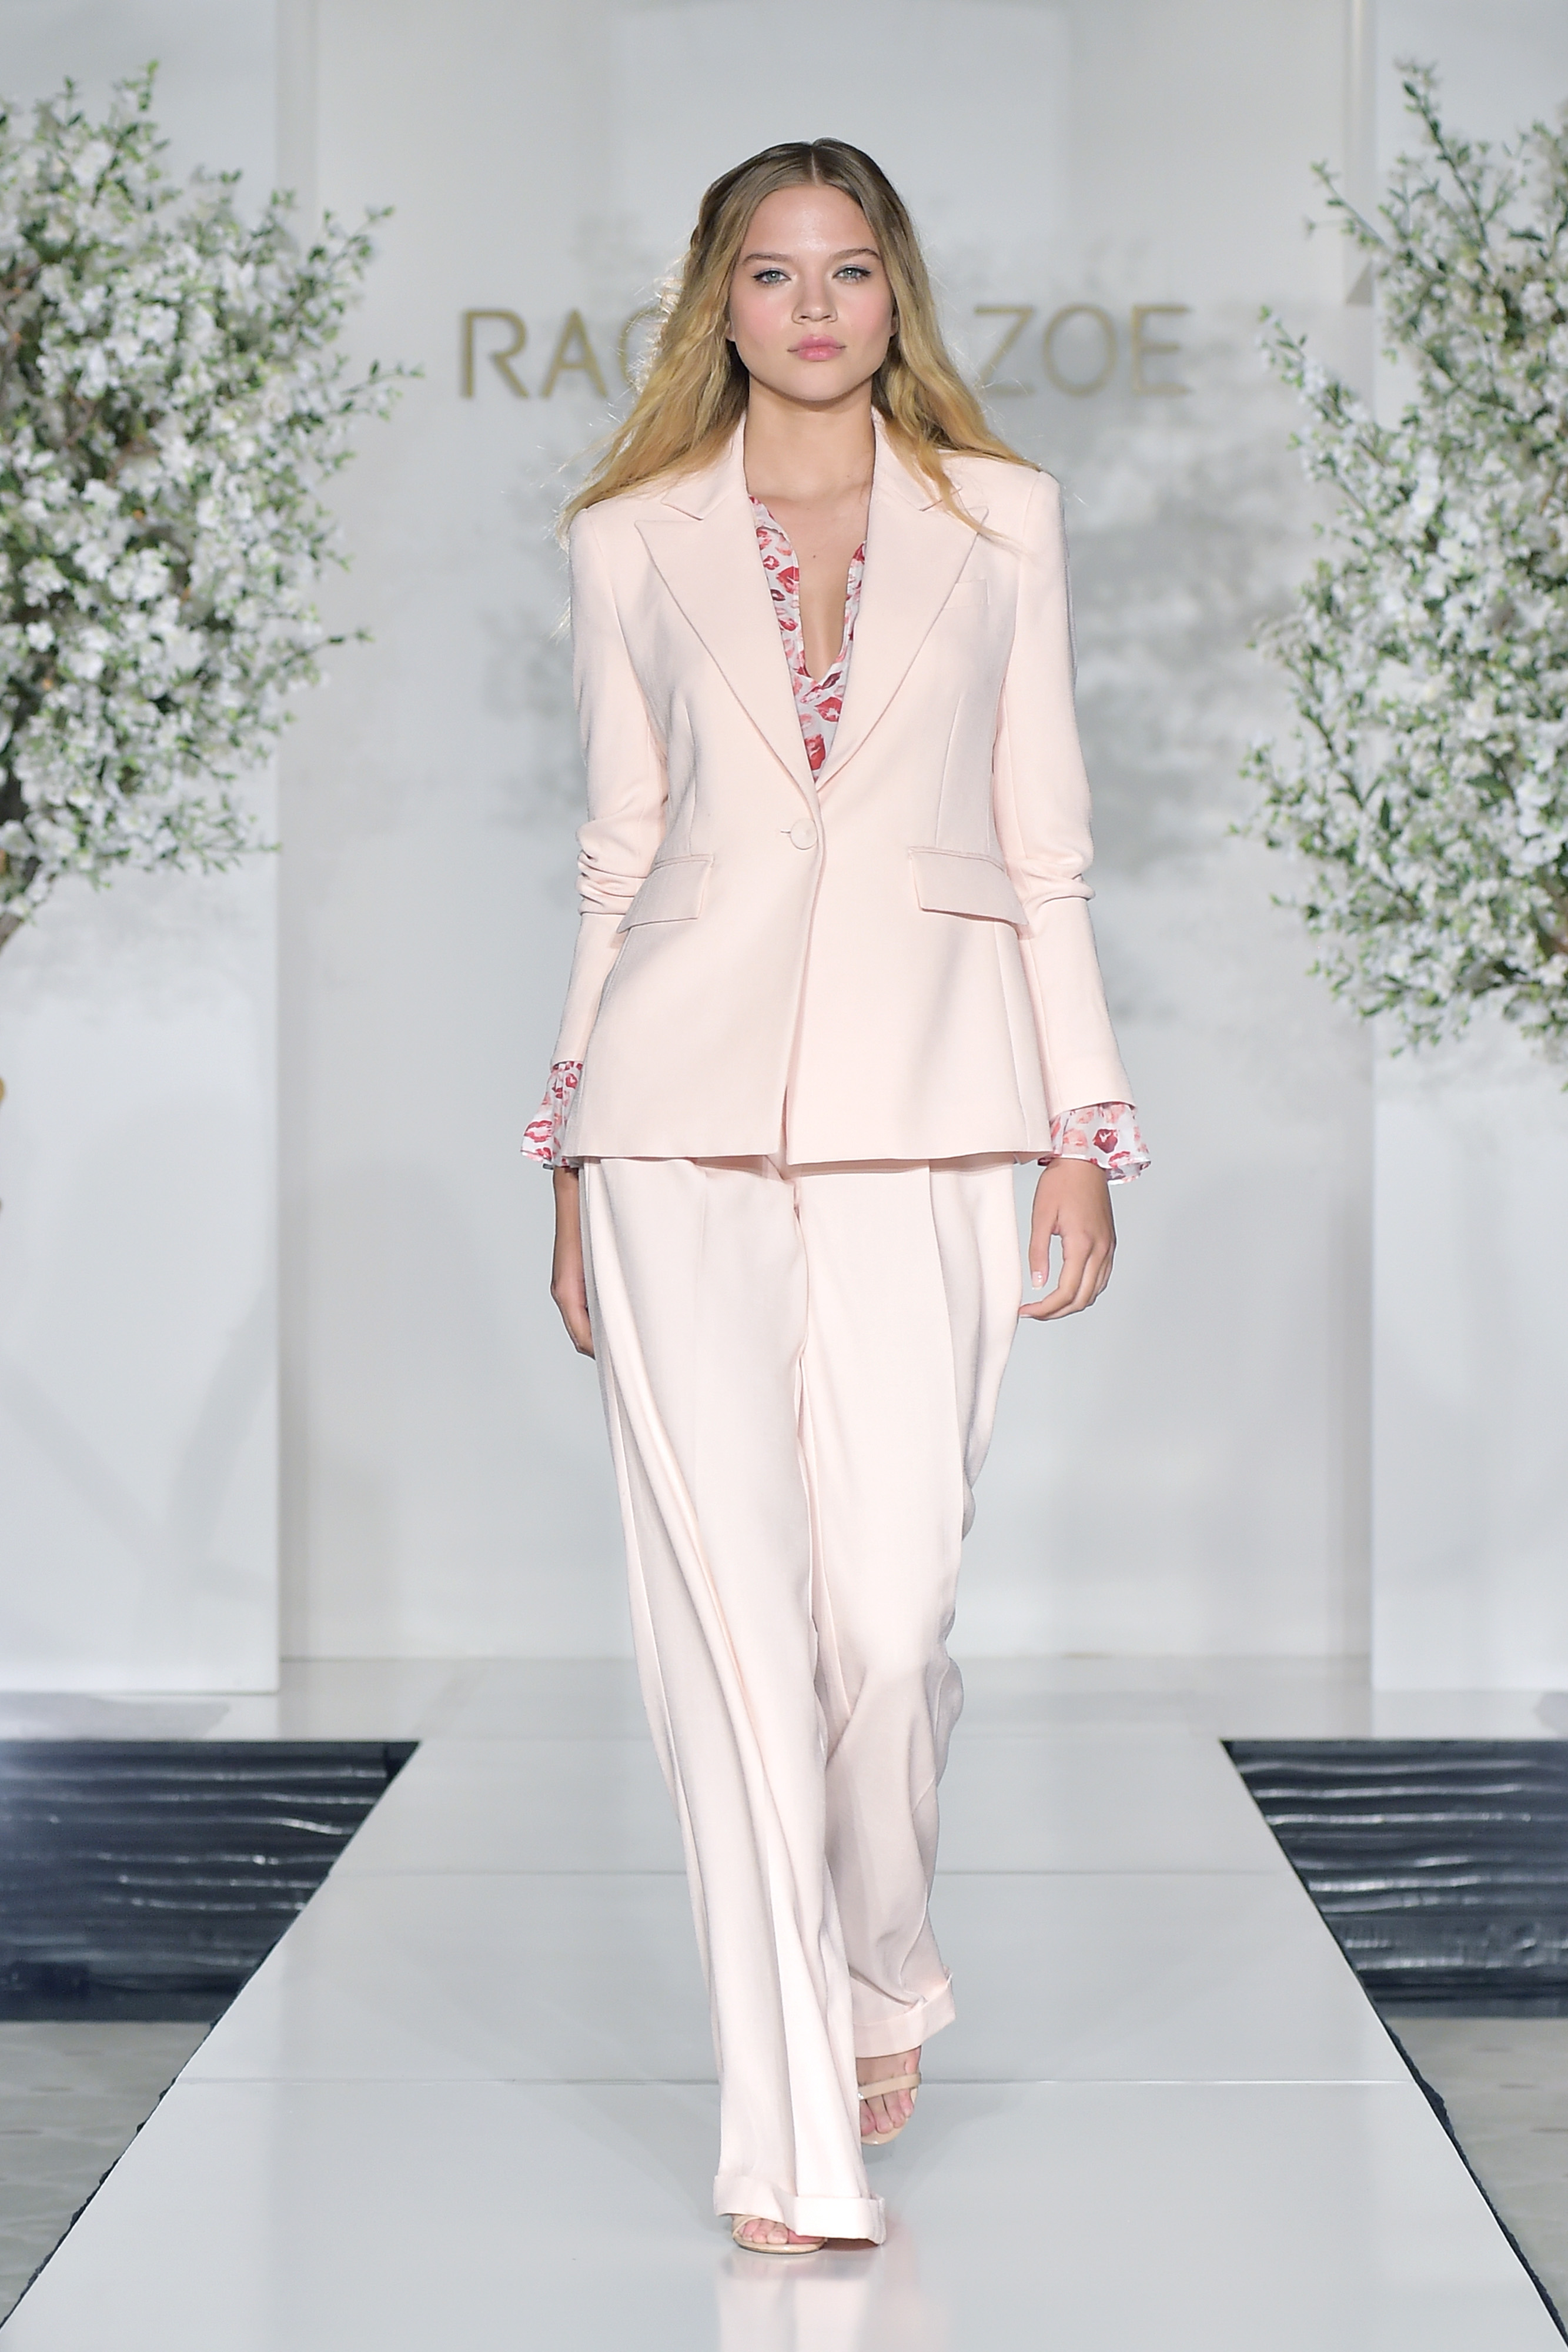 Rachel Zoe Spring 2019 runway